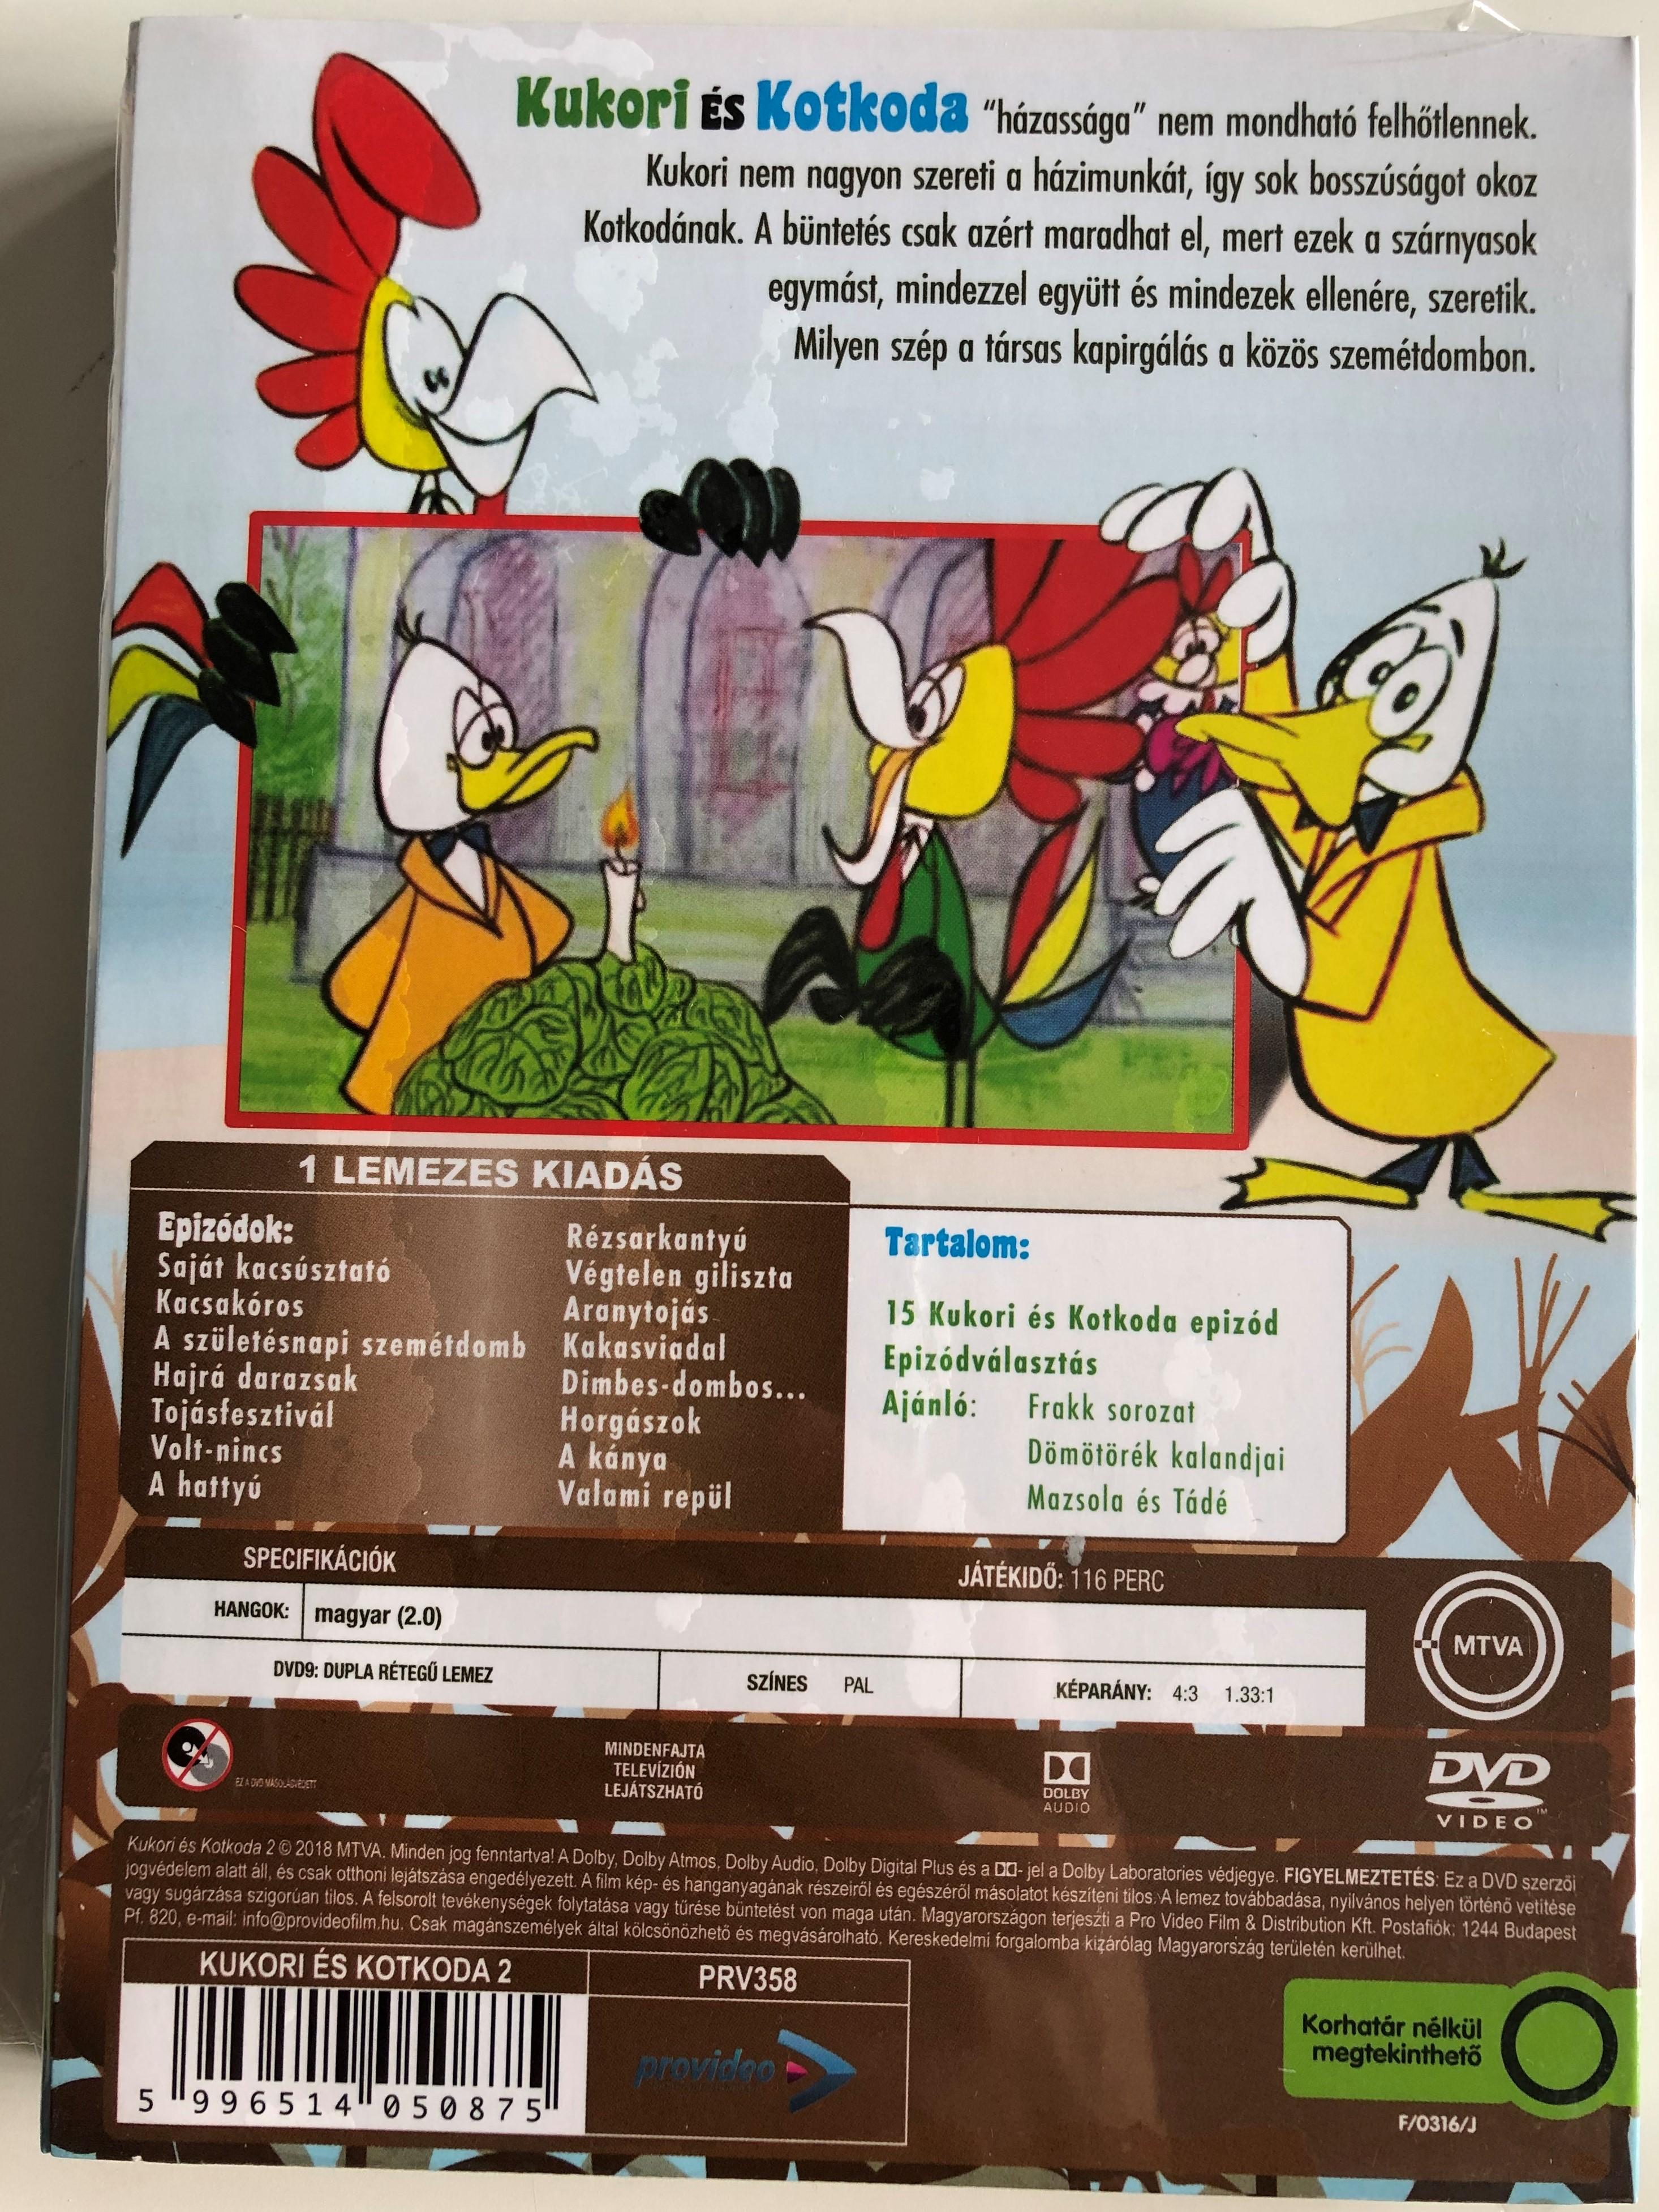 kukori-s-kotkoda-2-dvd-digit-lisan-fel-j-tott-written-by-b-lint-gnes-2.jpg